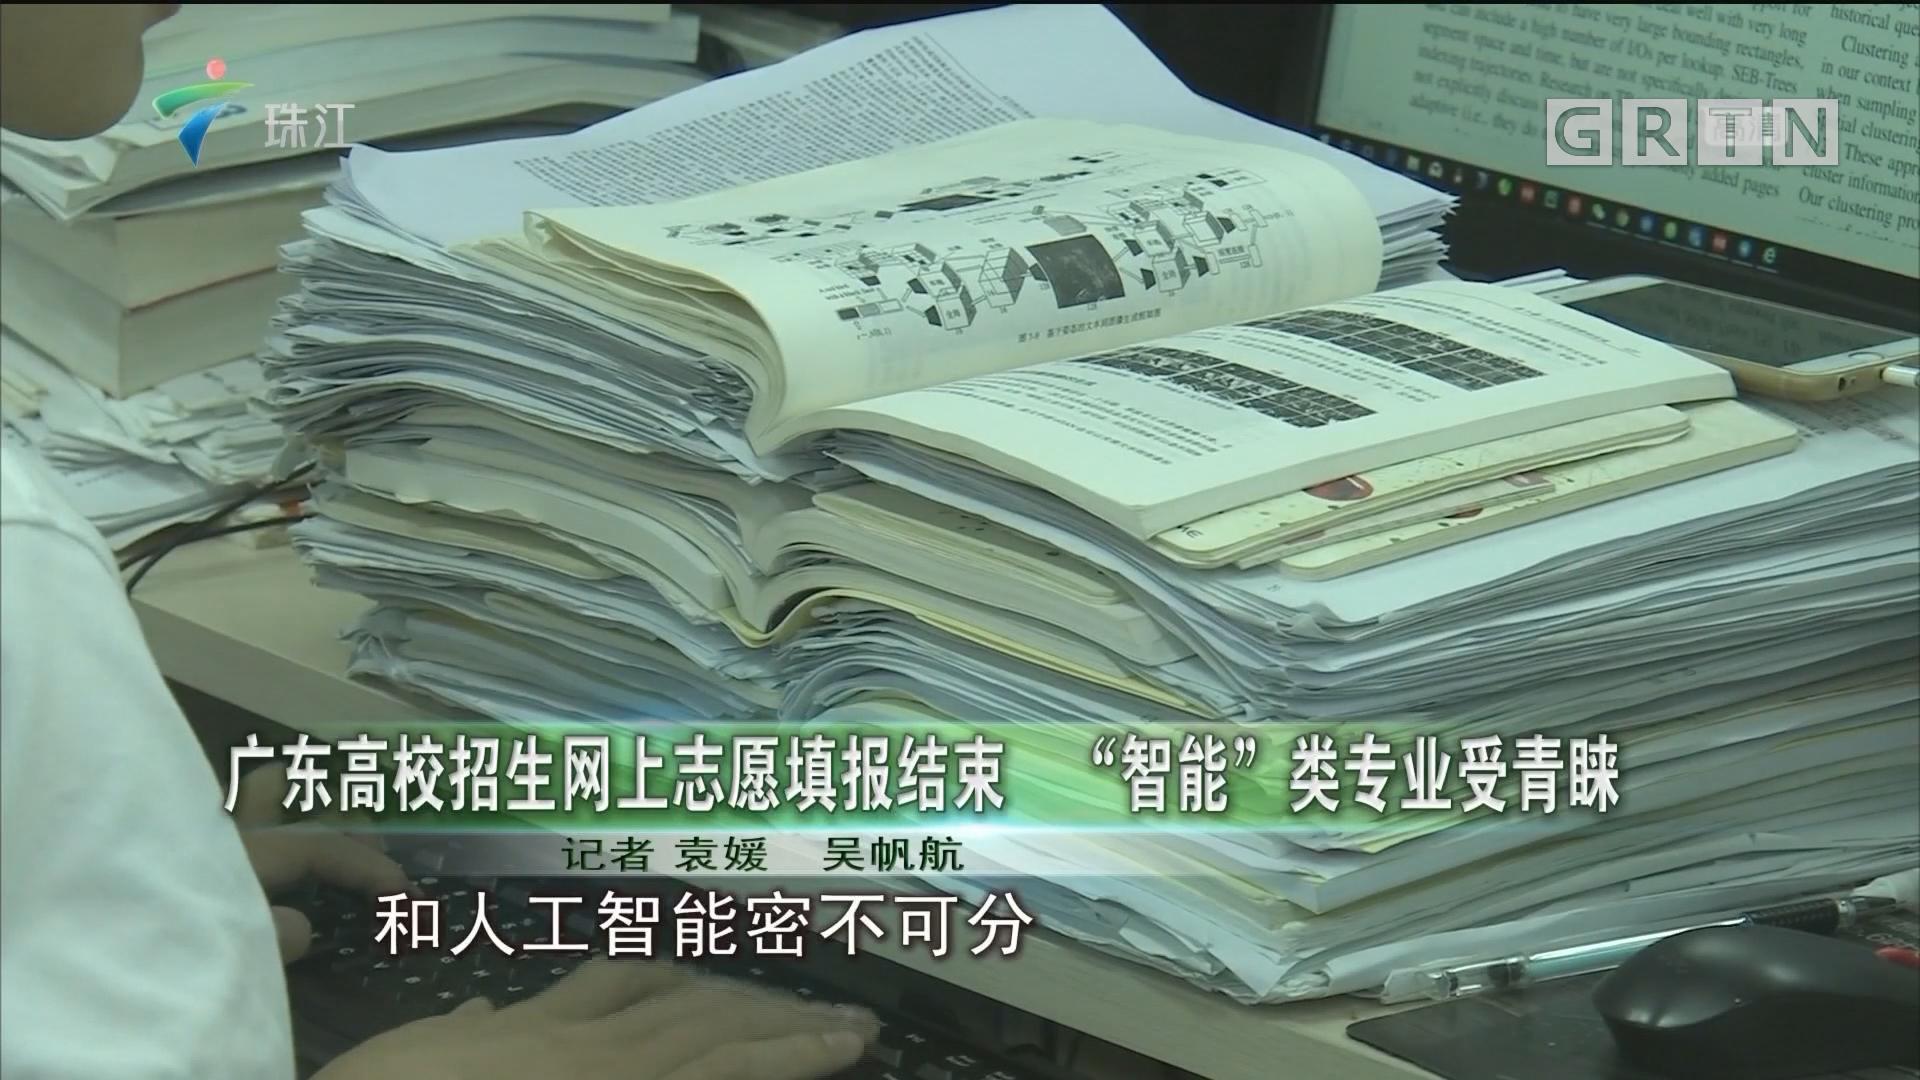 """廣東高校招生網上志愿填報結束 """"智能""""類專業受青睞"""